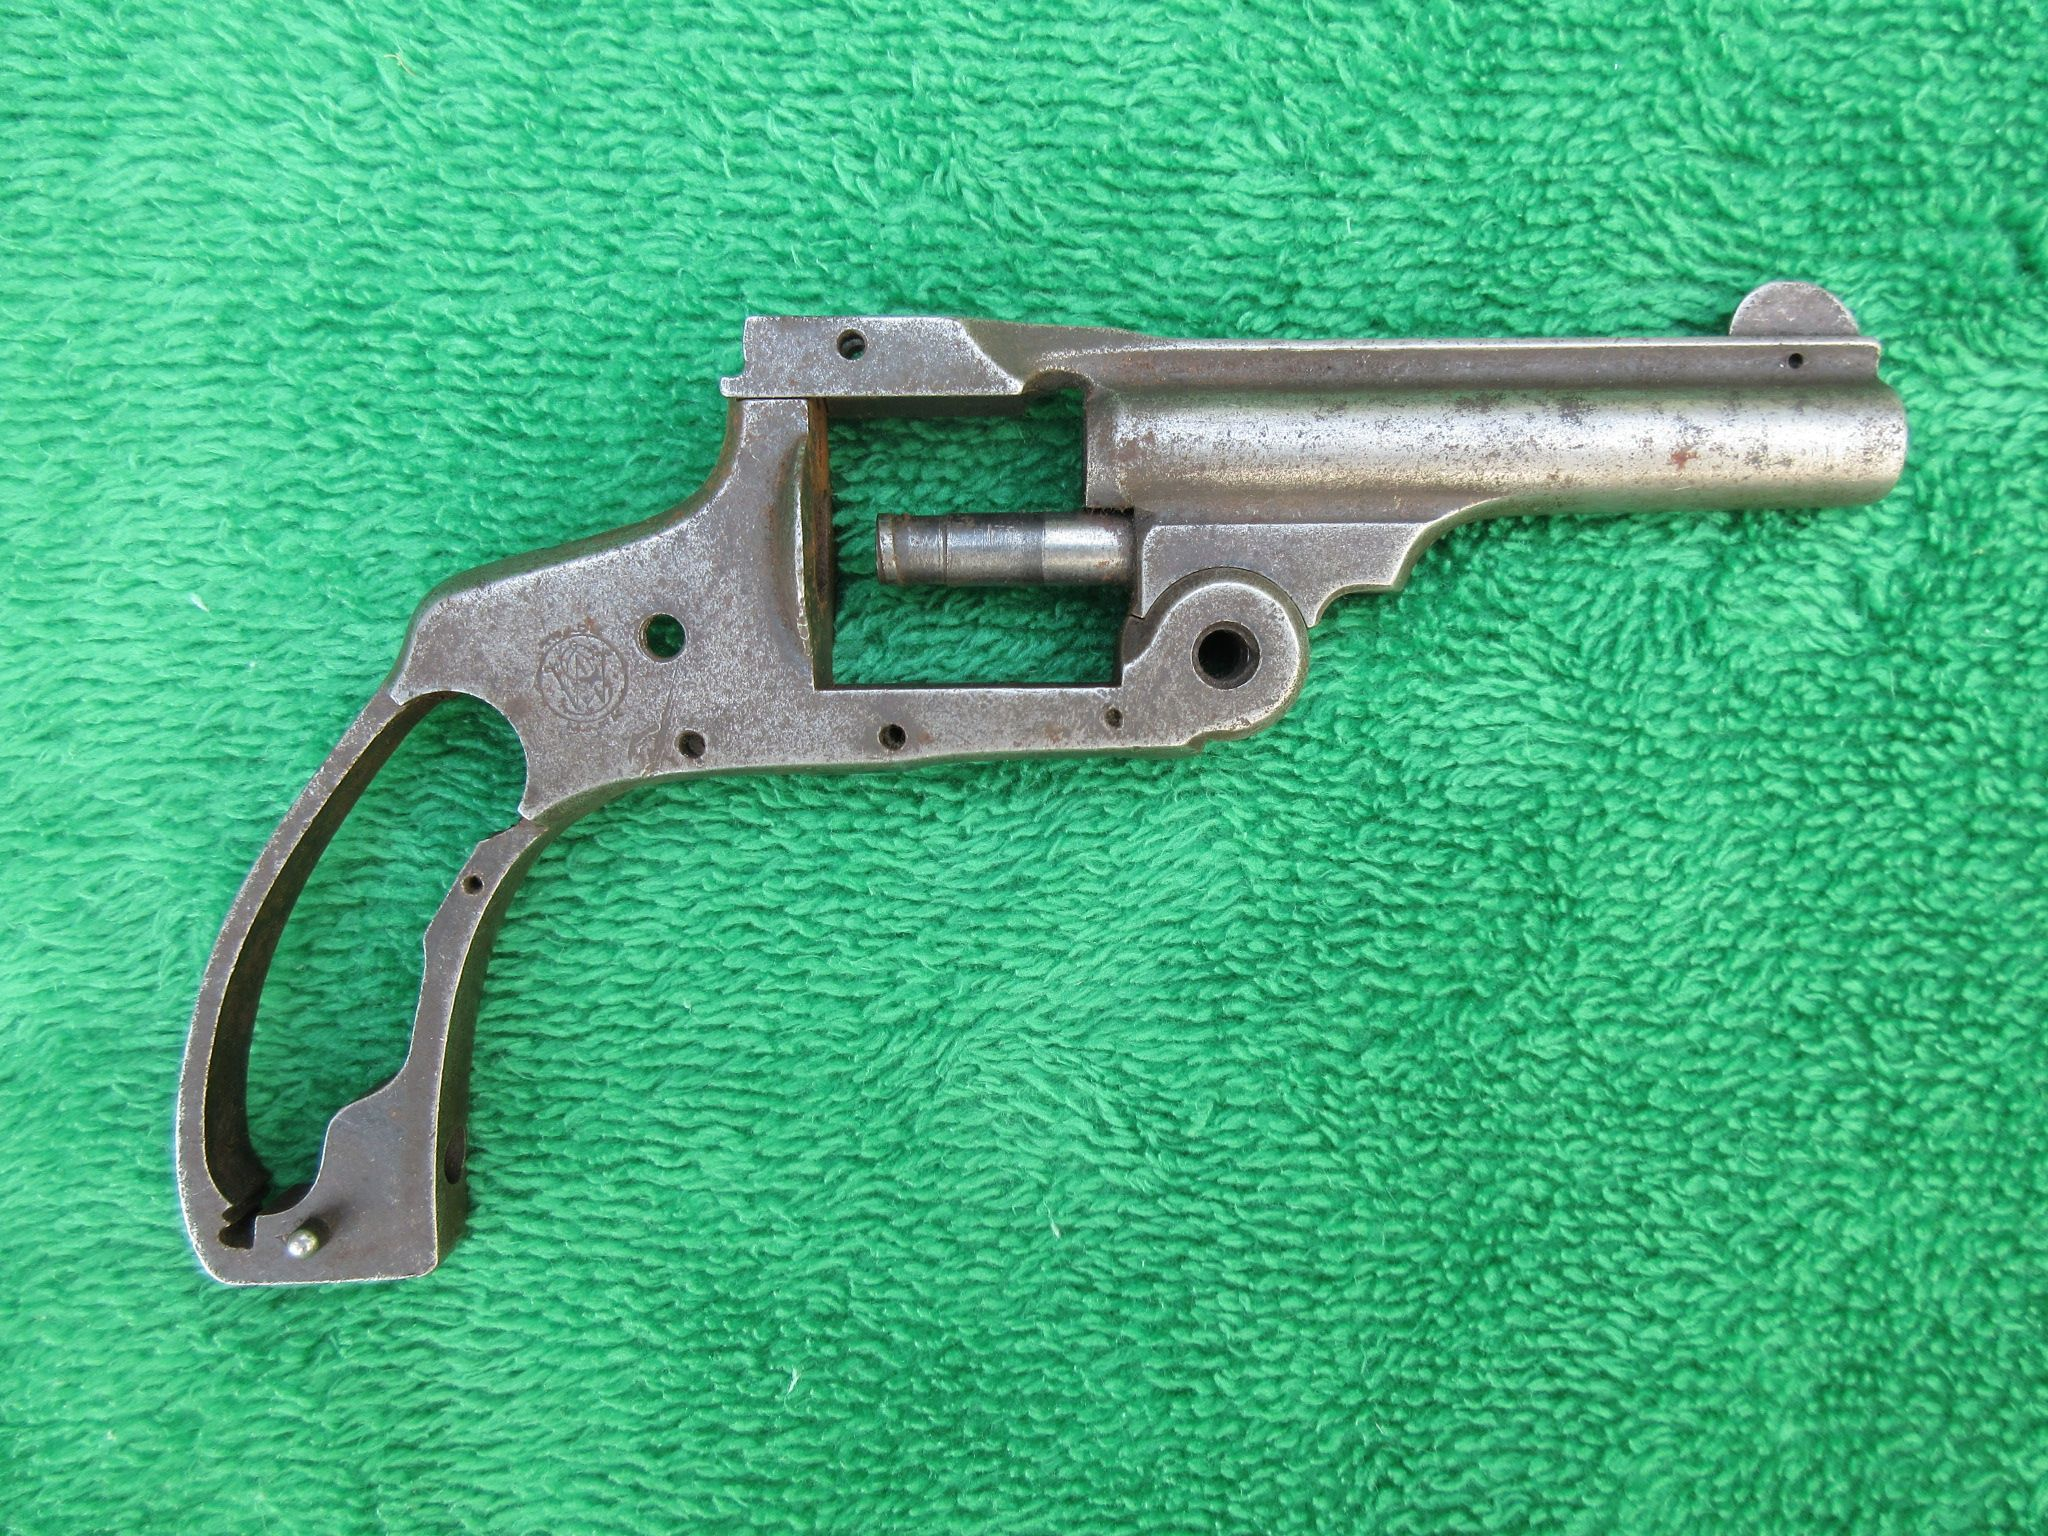 Smith & Wesson 32 CTG Revolver Parts Antique S & W - Antique